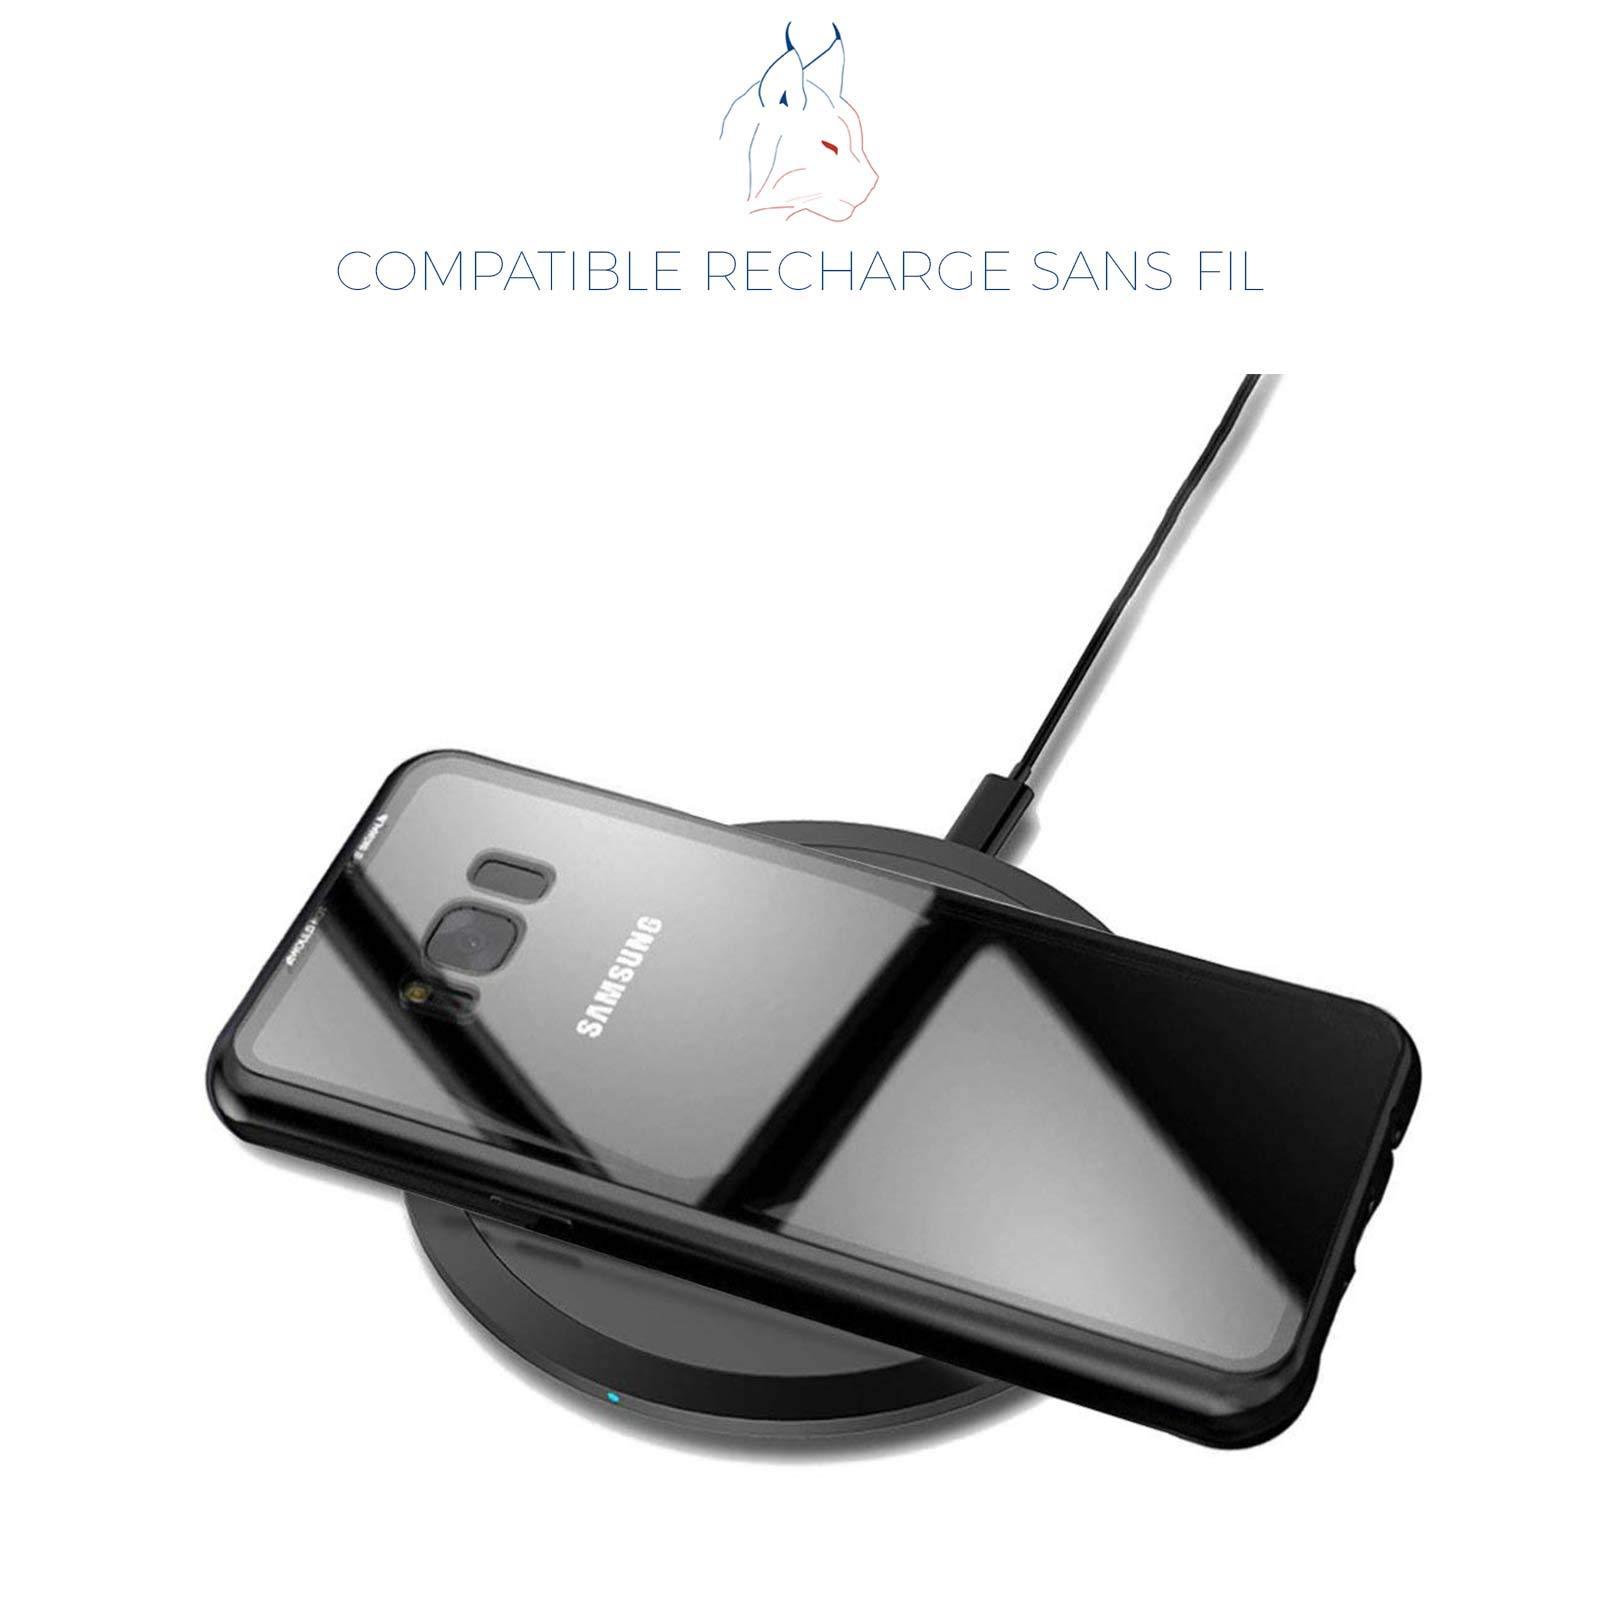 LINCIVIUS  Coque Compatible avec Samsung Galaxy S8, Coque de Protection 2 en 1 Aluminium et Verre Trempe Arrière et Contour Bumper Rigide pour Samsung Galaxy S8, Noir